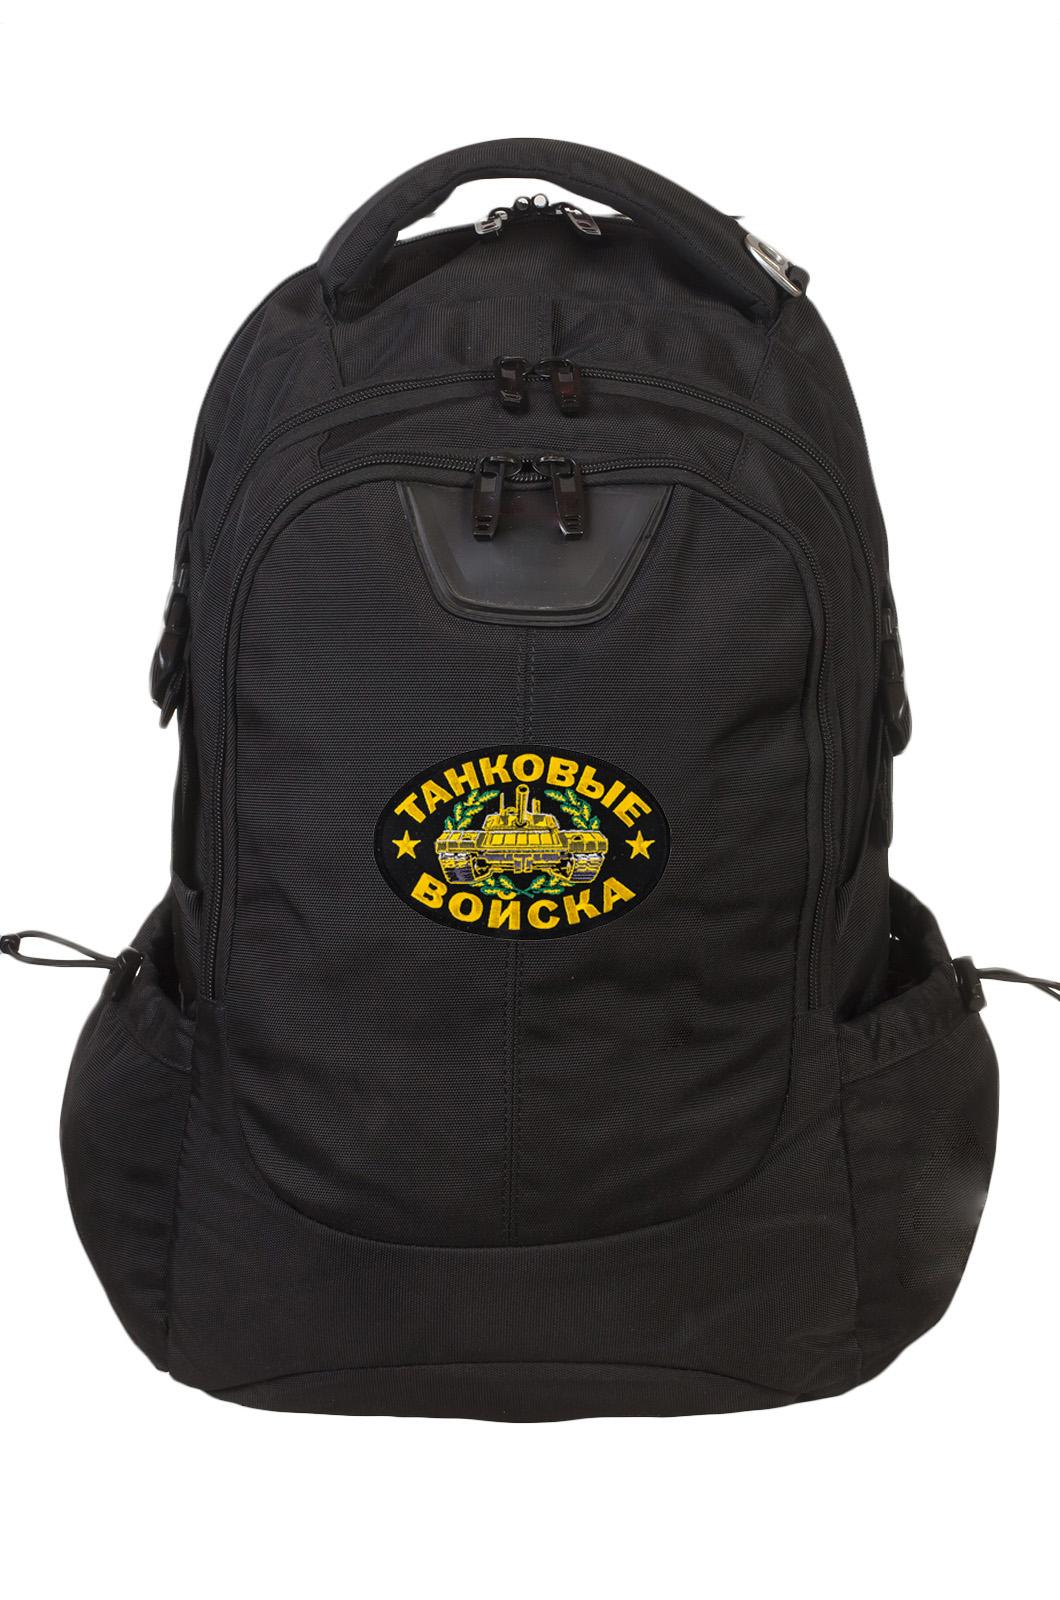 Надежный зачетный рюкзак с нашивкой Танковые Войска